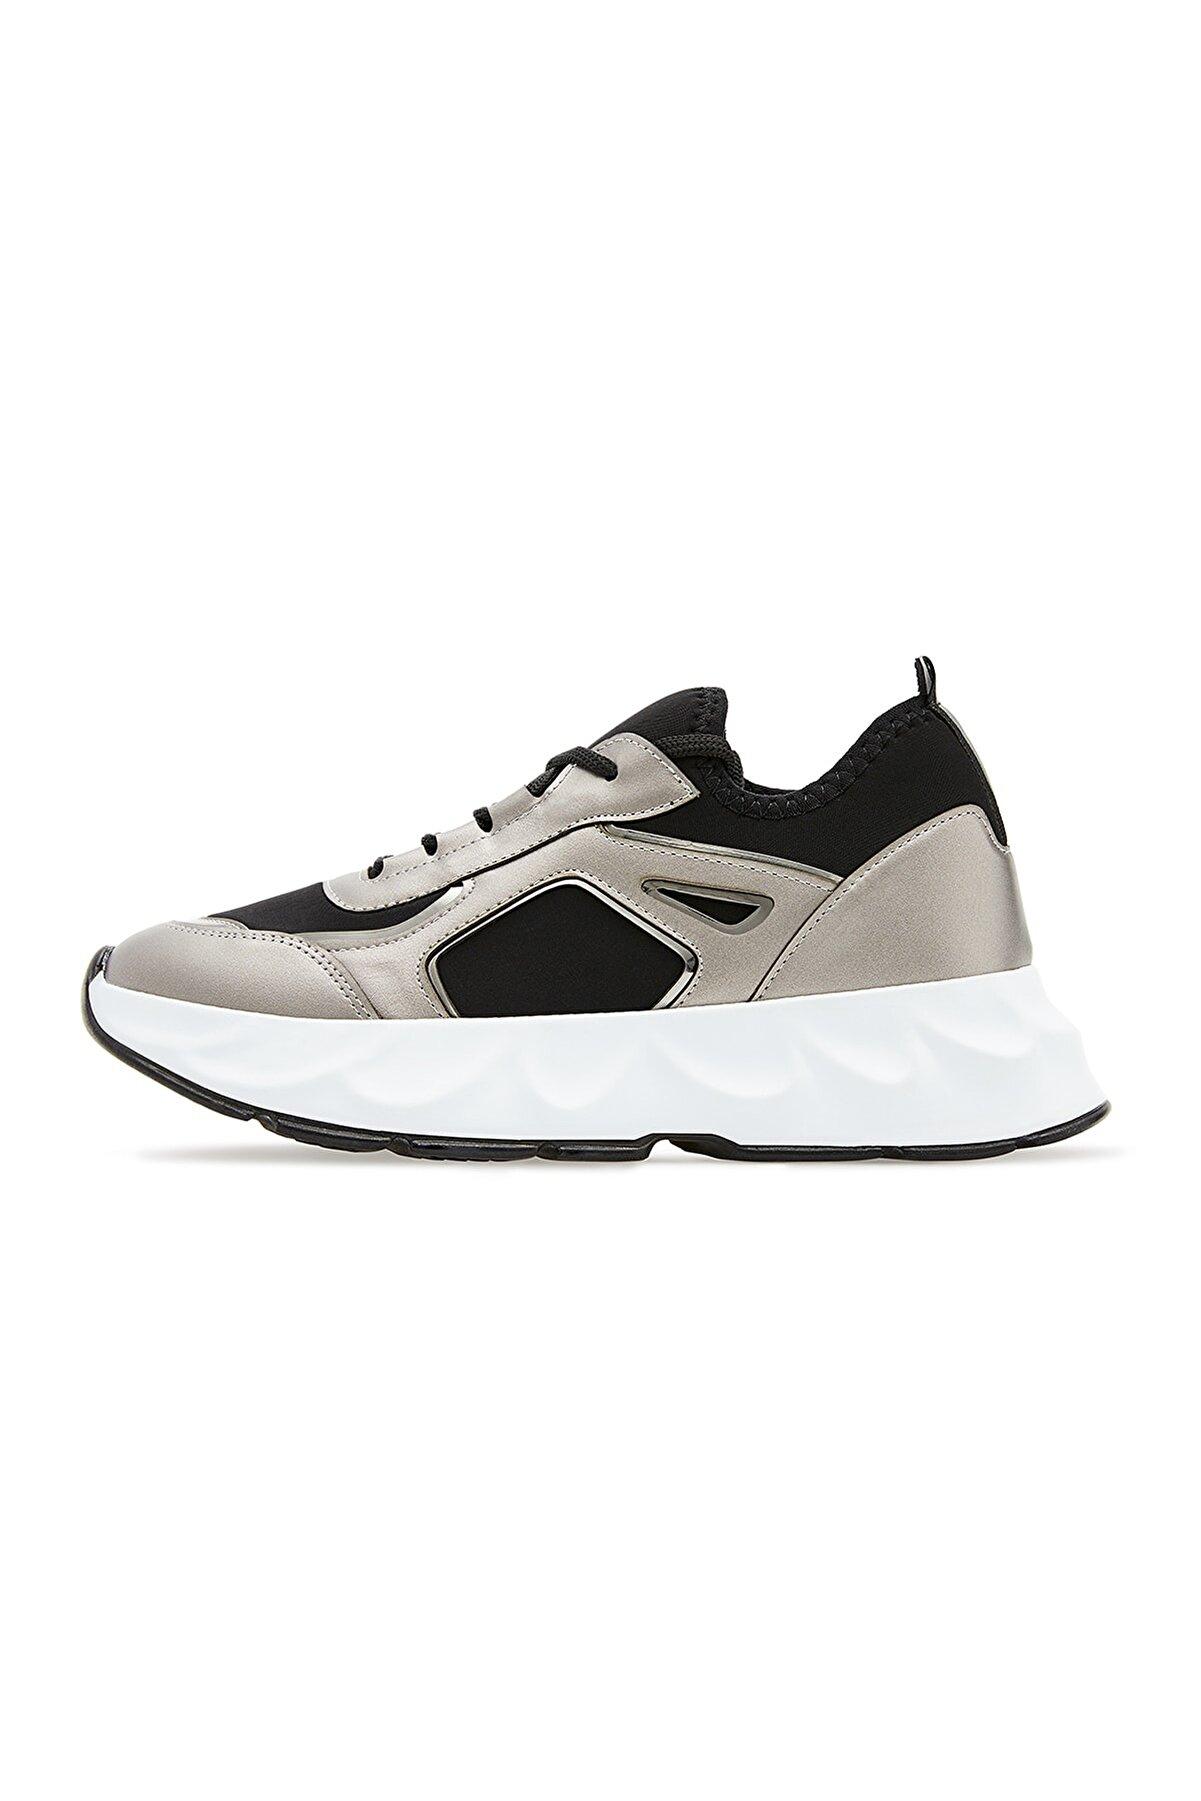 Jump Kadın Spor Ayakkabı 93050